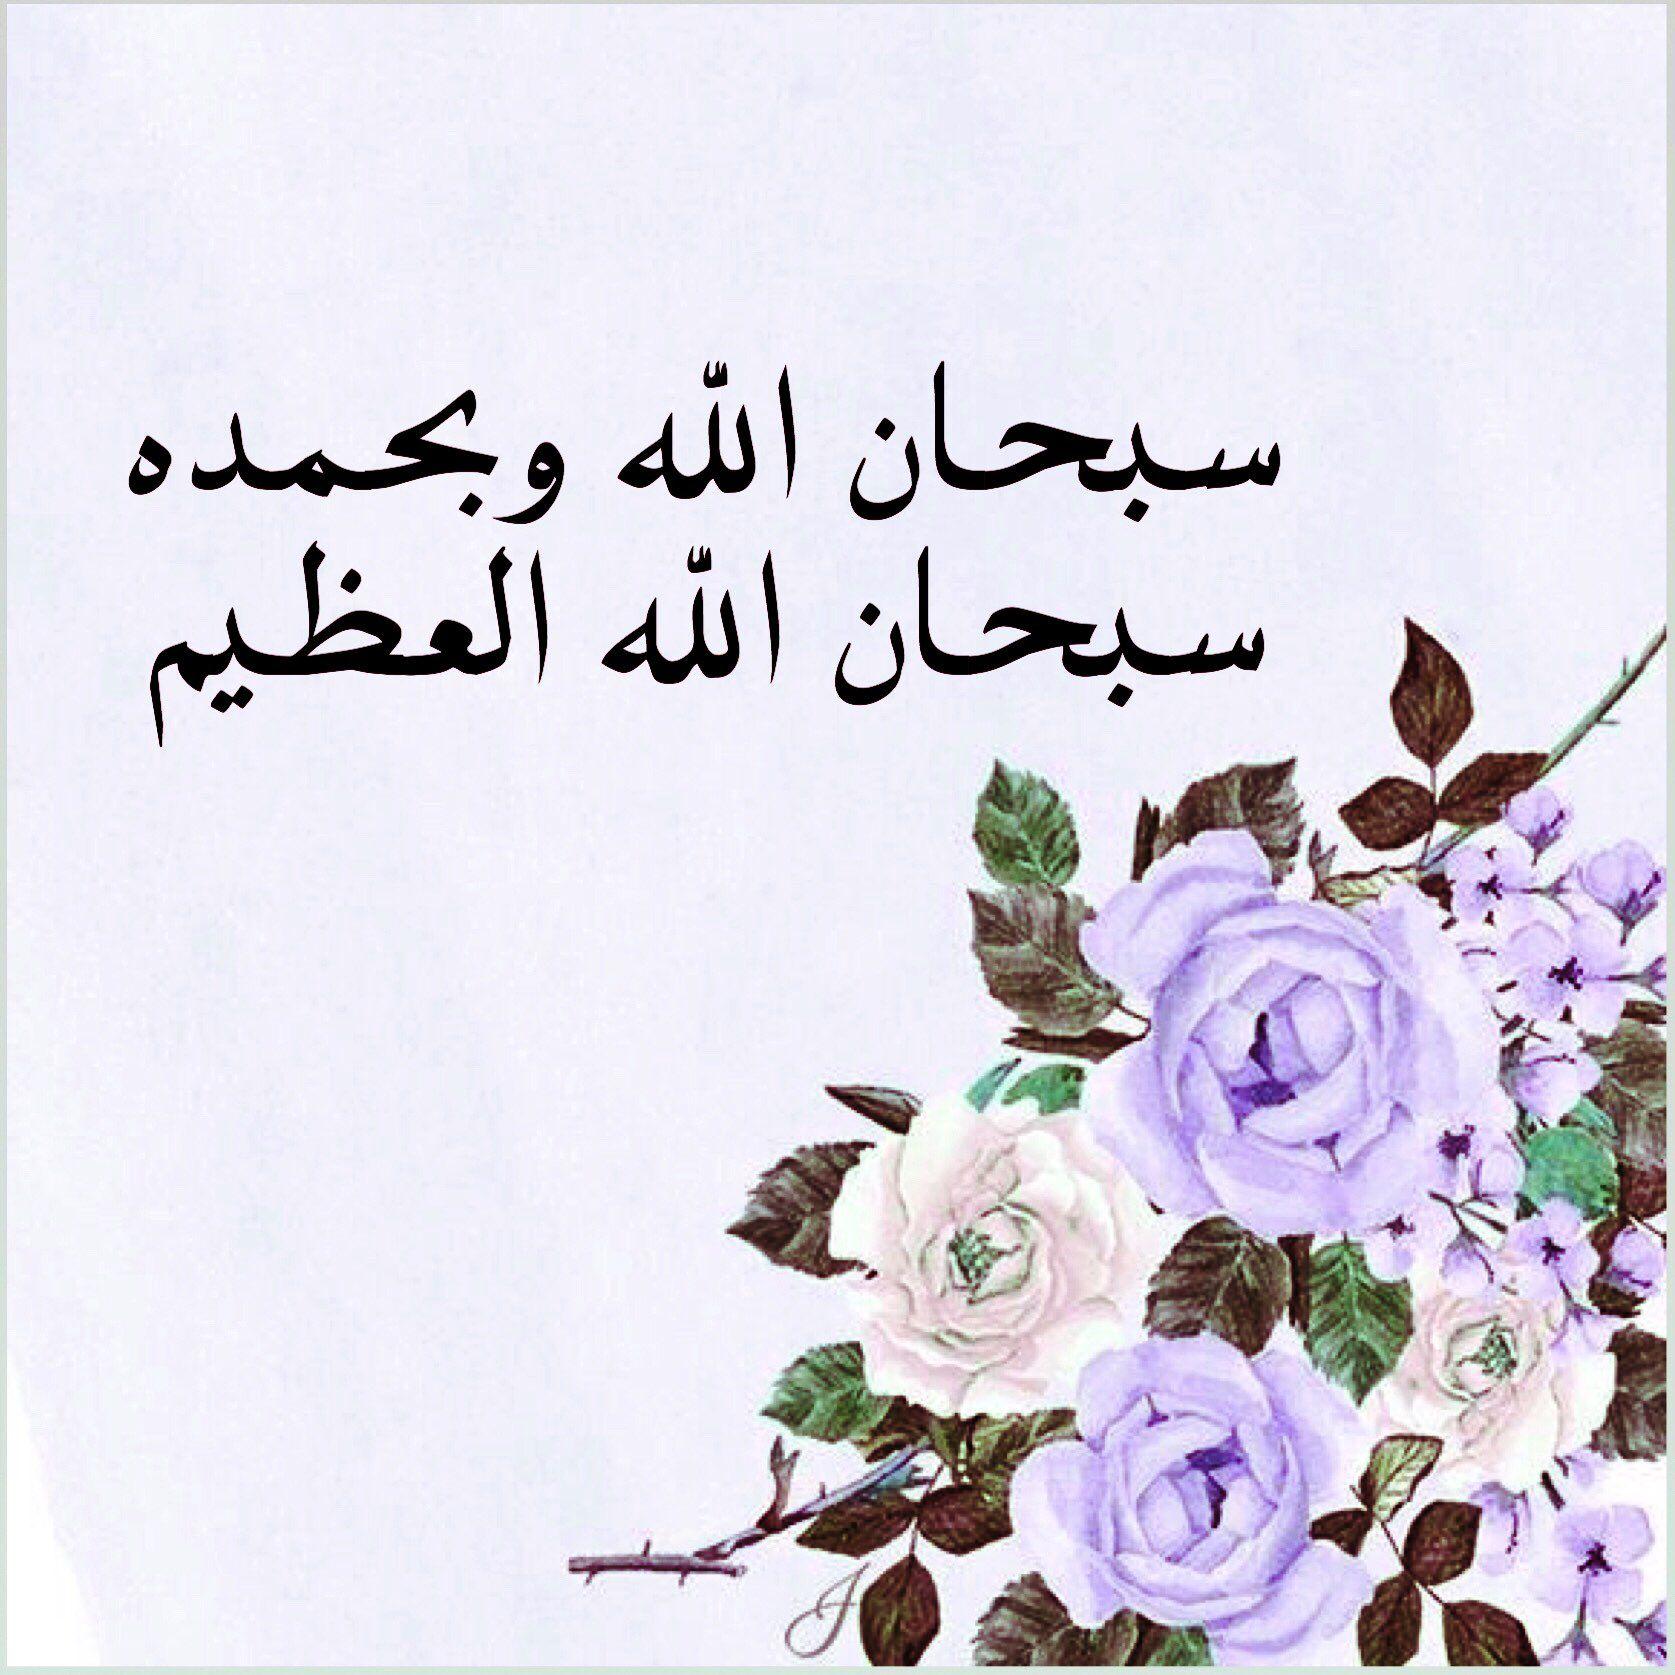 سبحان الله وبحمده سبحان الله العظيم Doa Islam Islamic Quotes Islam